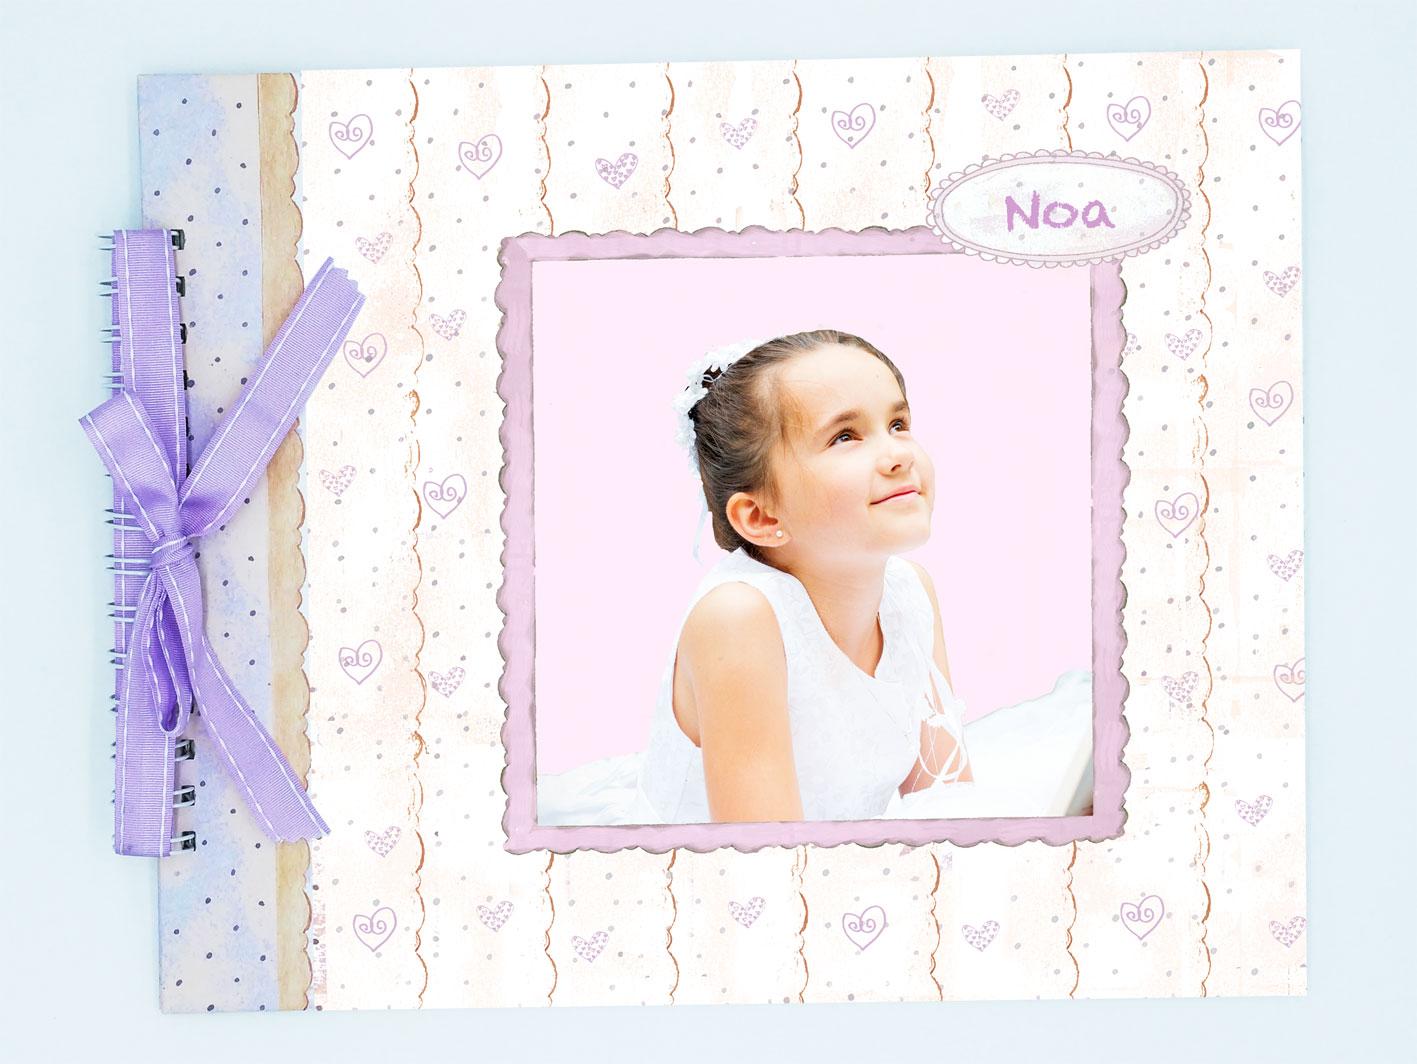 Álbum de comunión niña modelo Noa foto